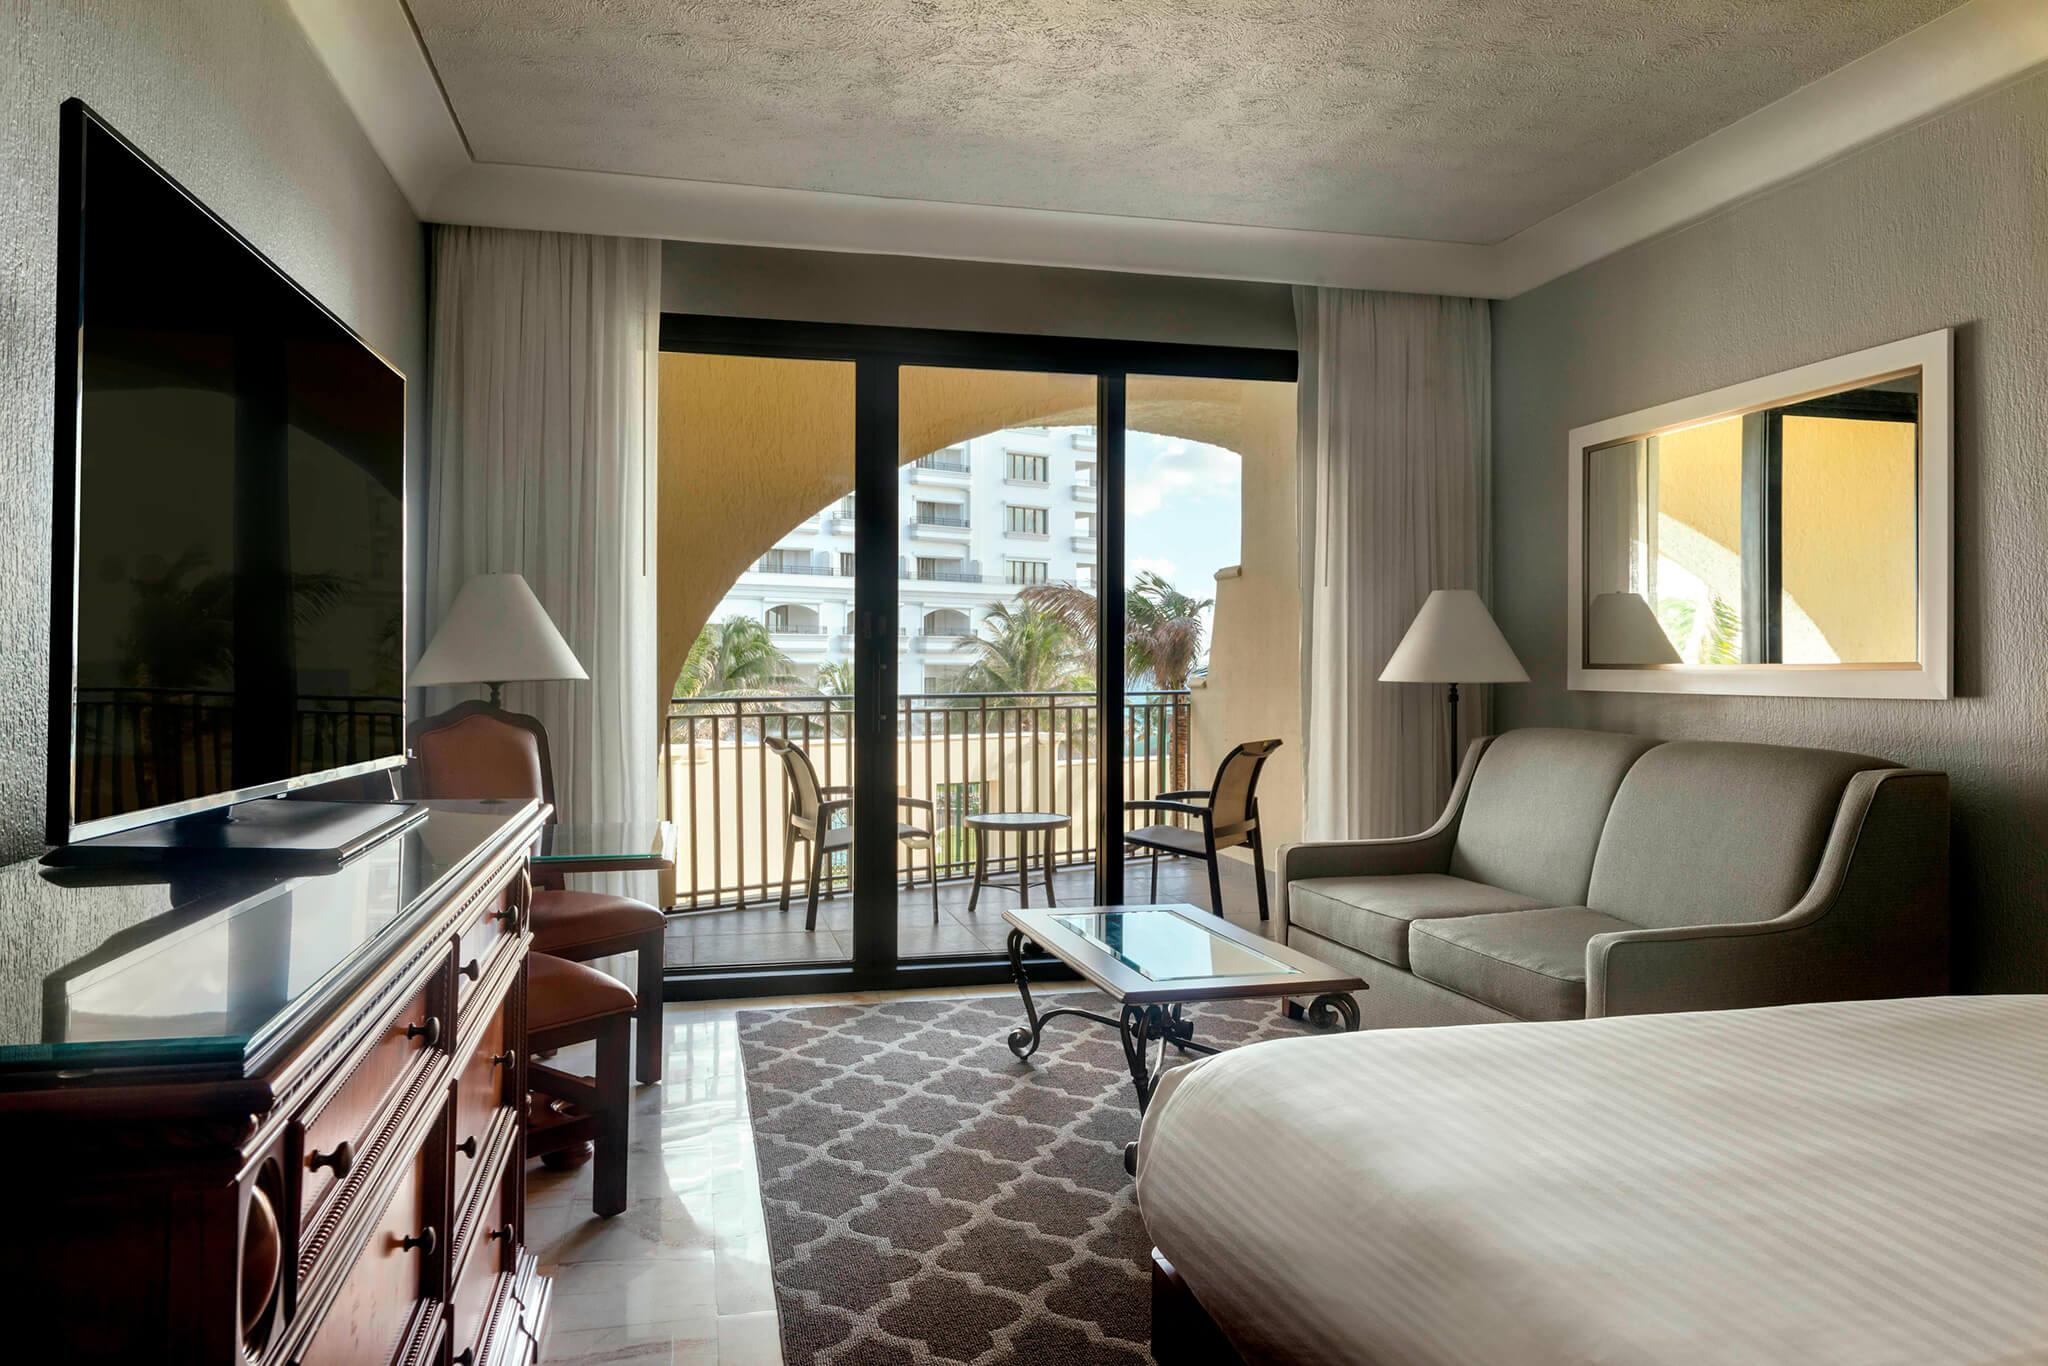 marriott resort view king